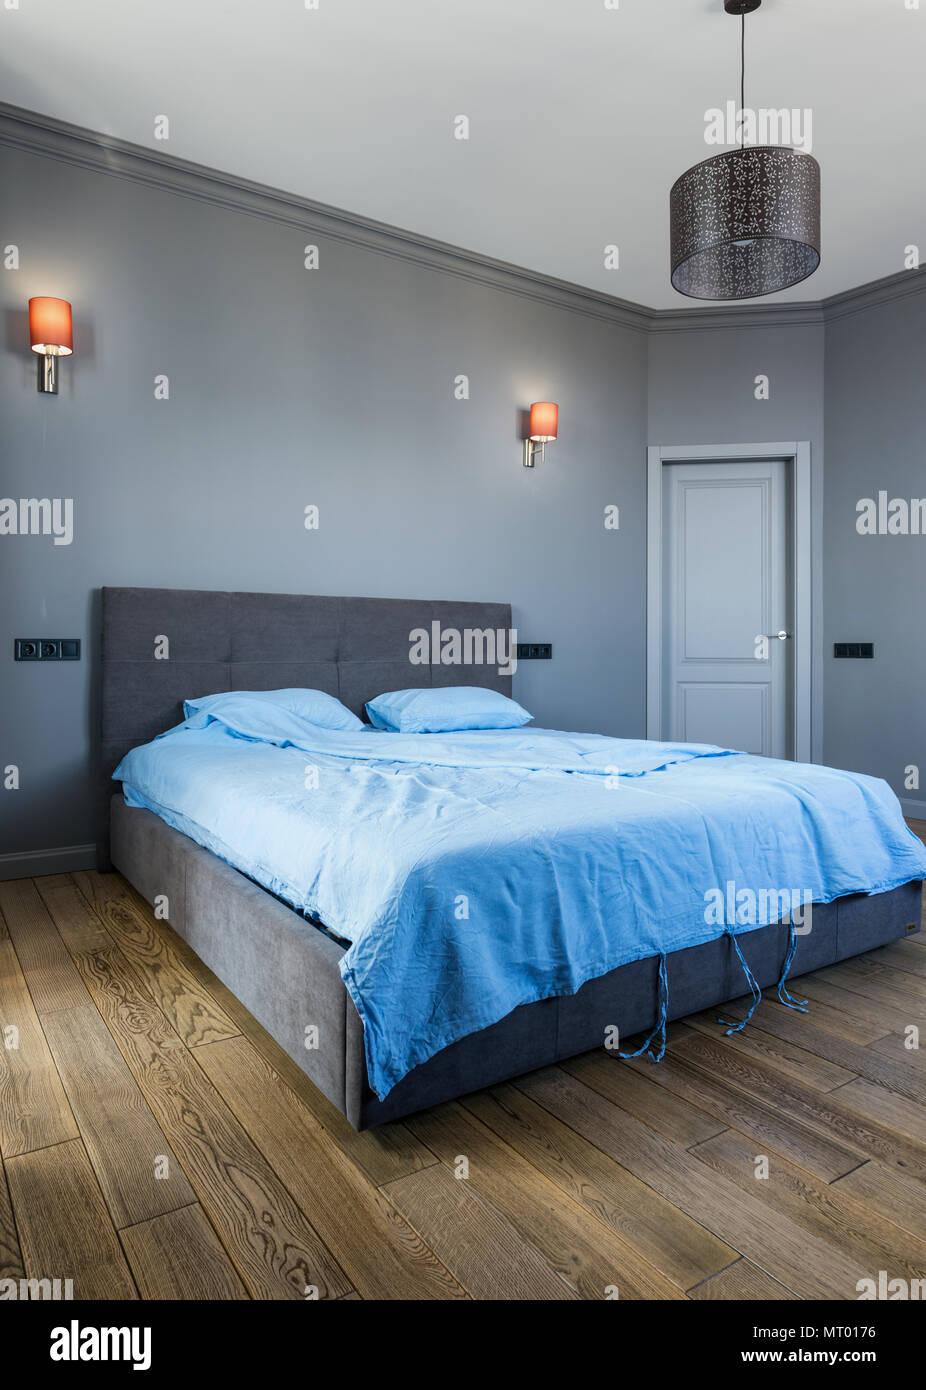 Camera Da Letto Grigia elegante camera da letto grigio interno con biancheria blu